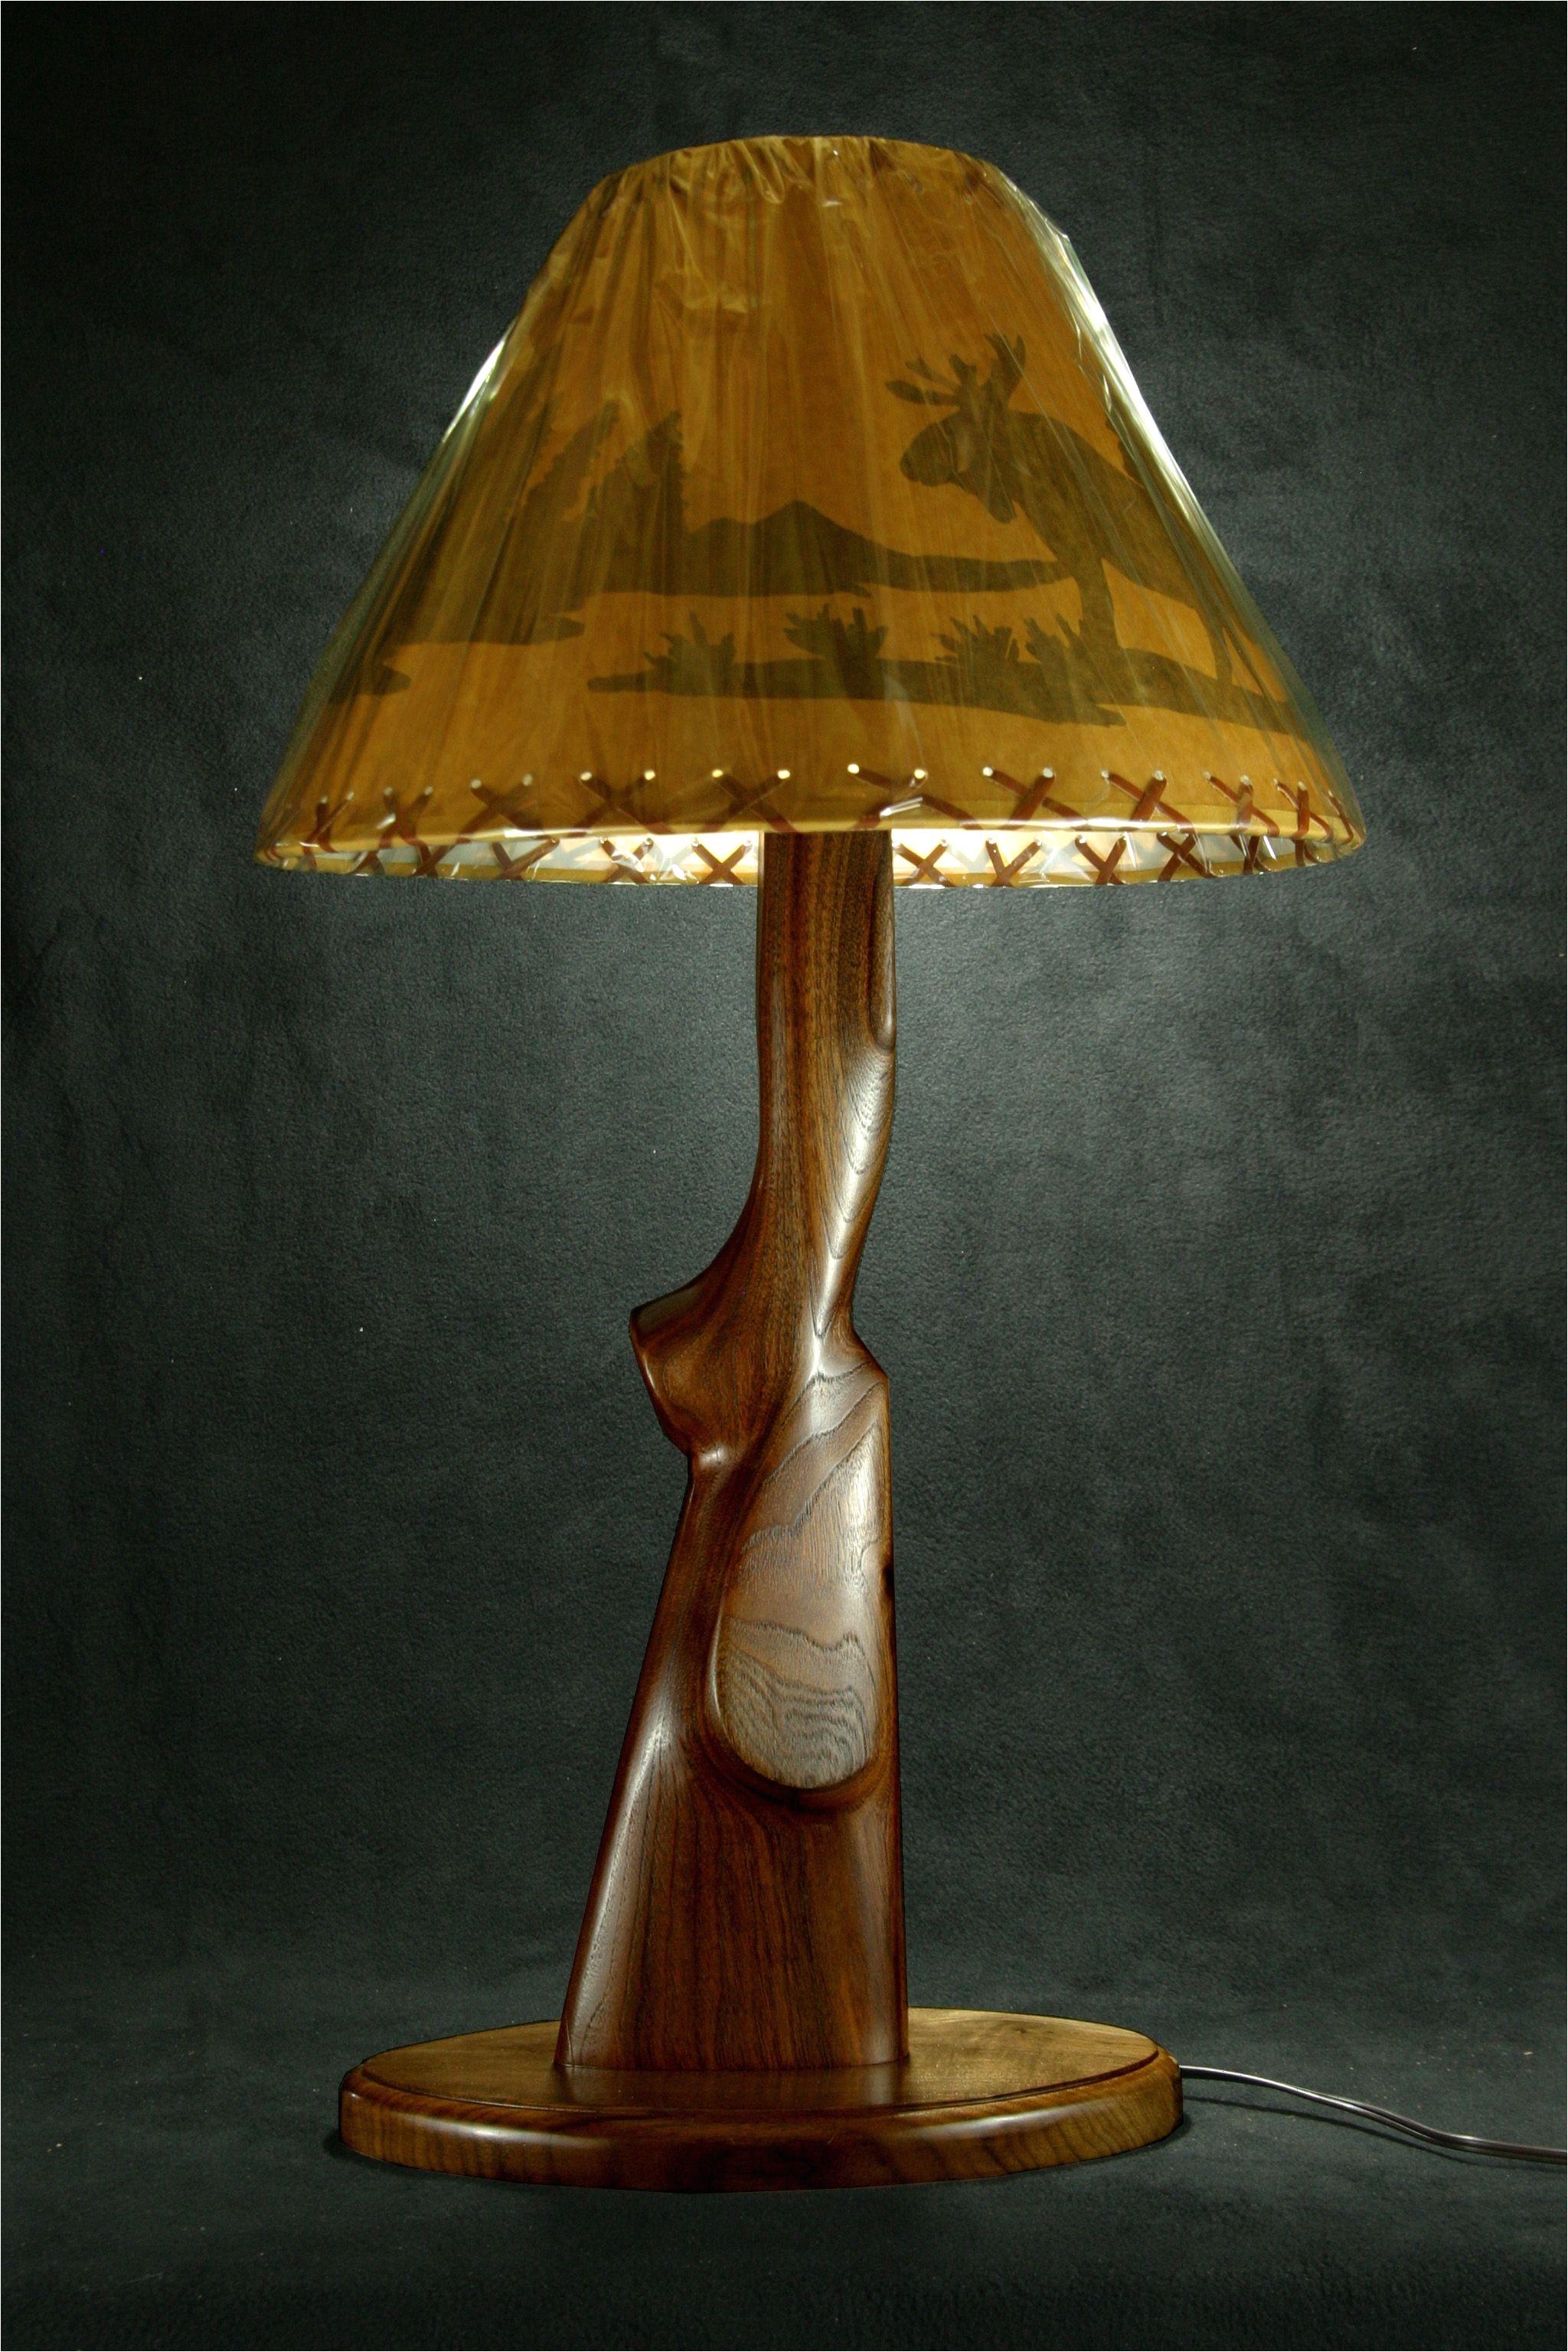 walnut gun stock lamp gun decor hidden gun gun rooms gun art